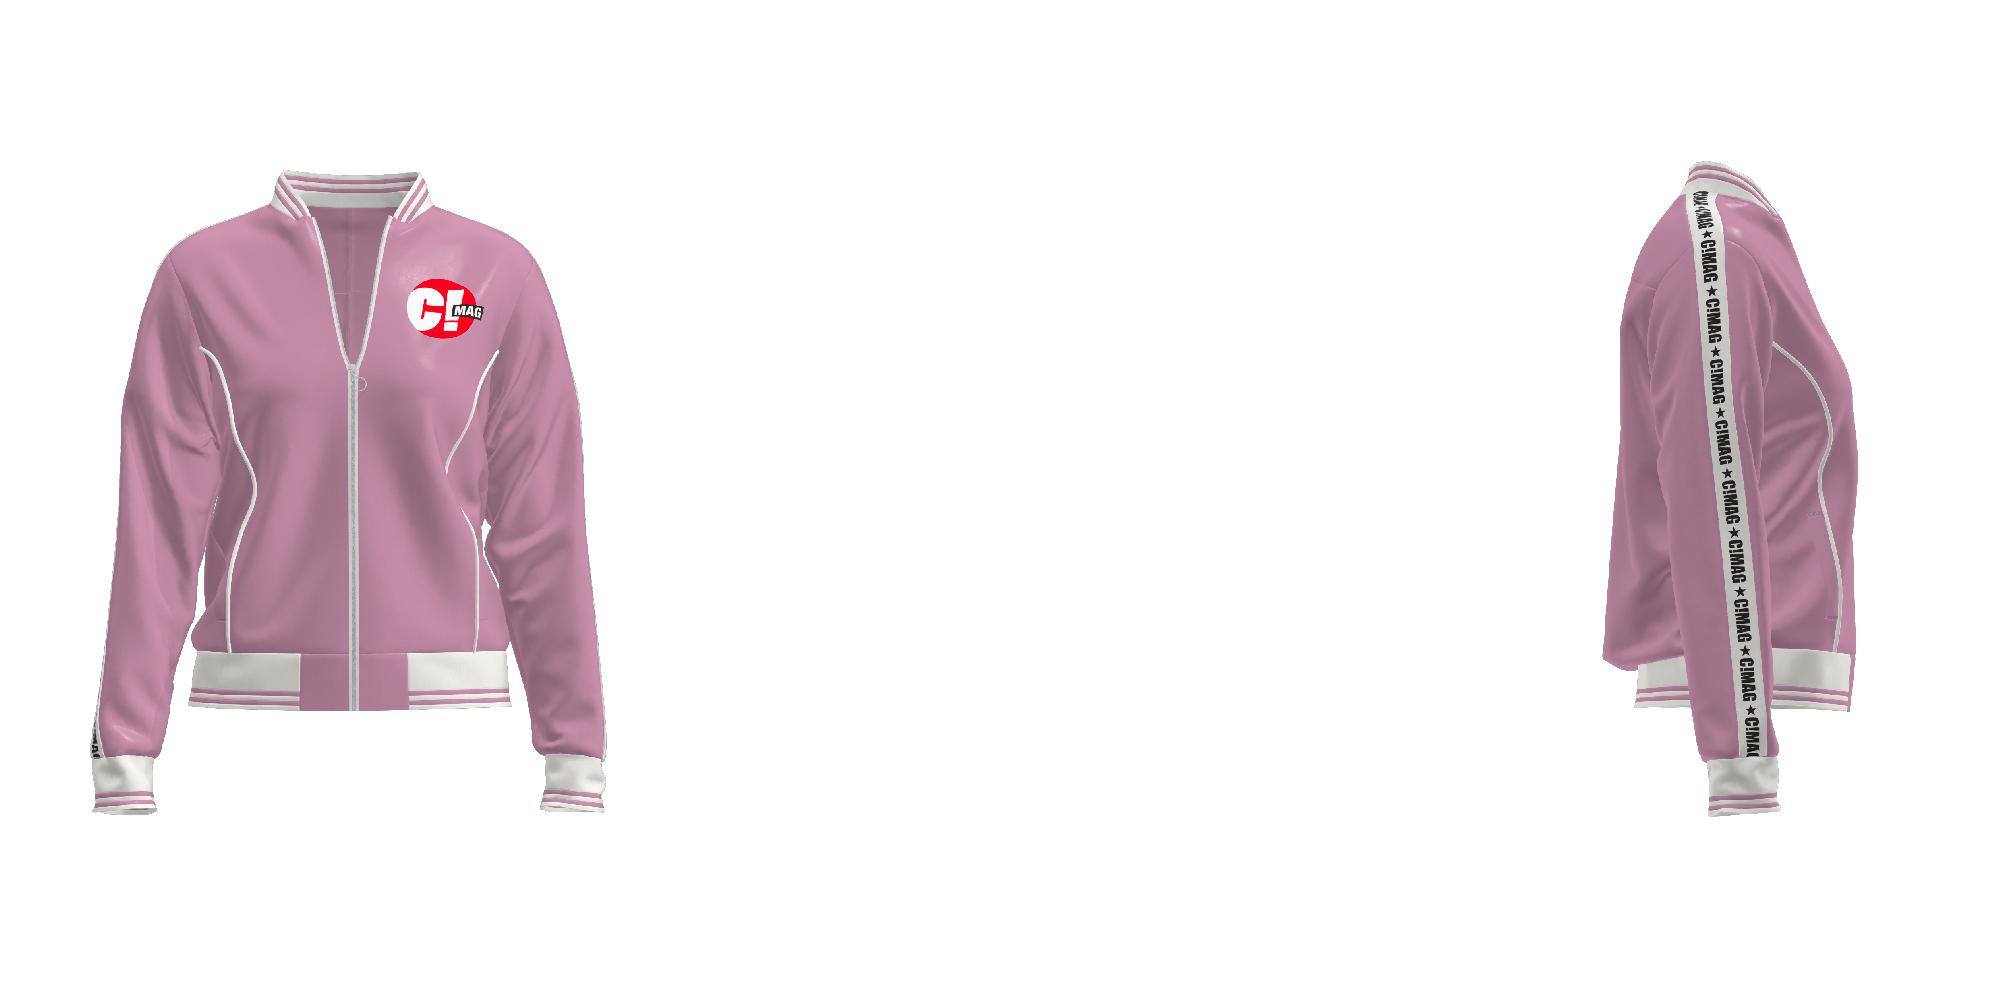 clo3d-logiciel-textile-promotionnel